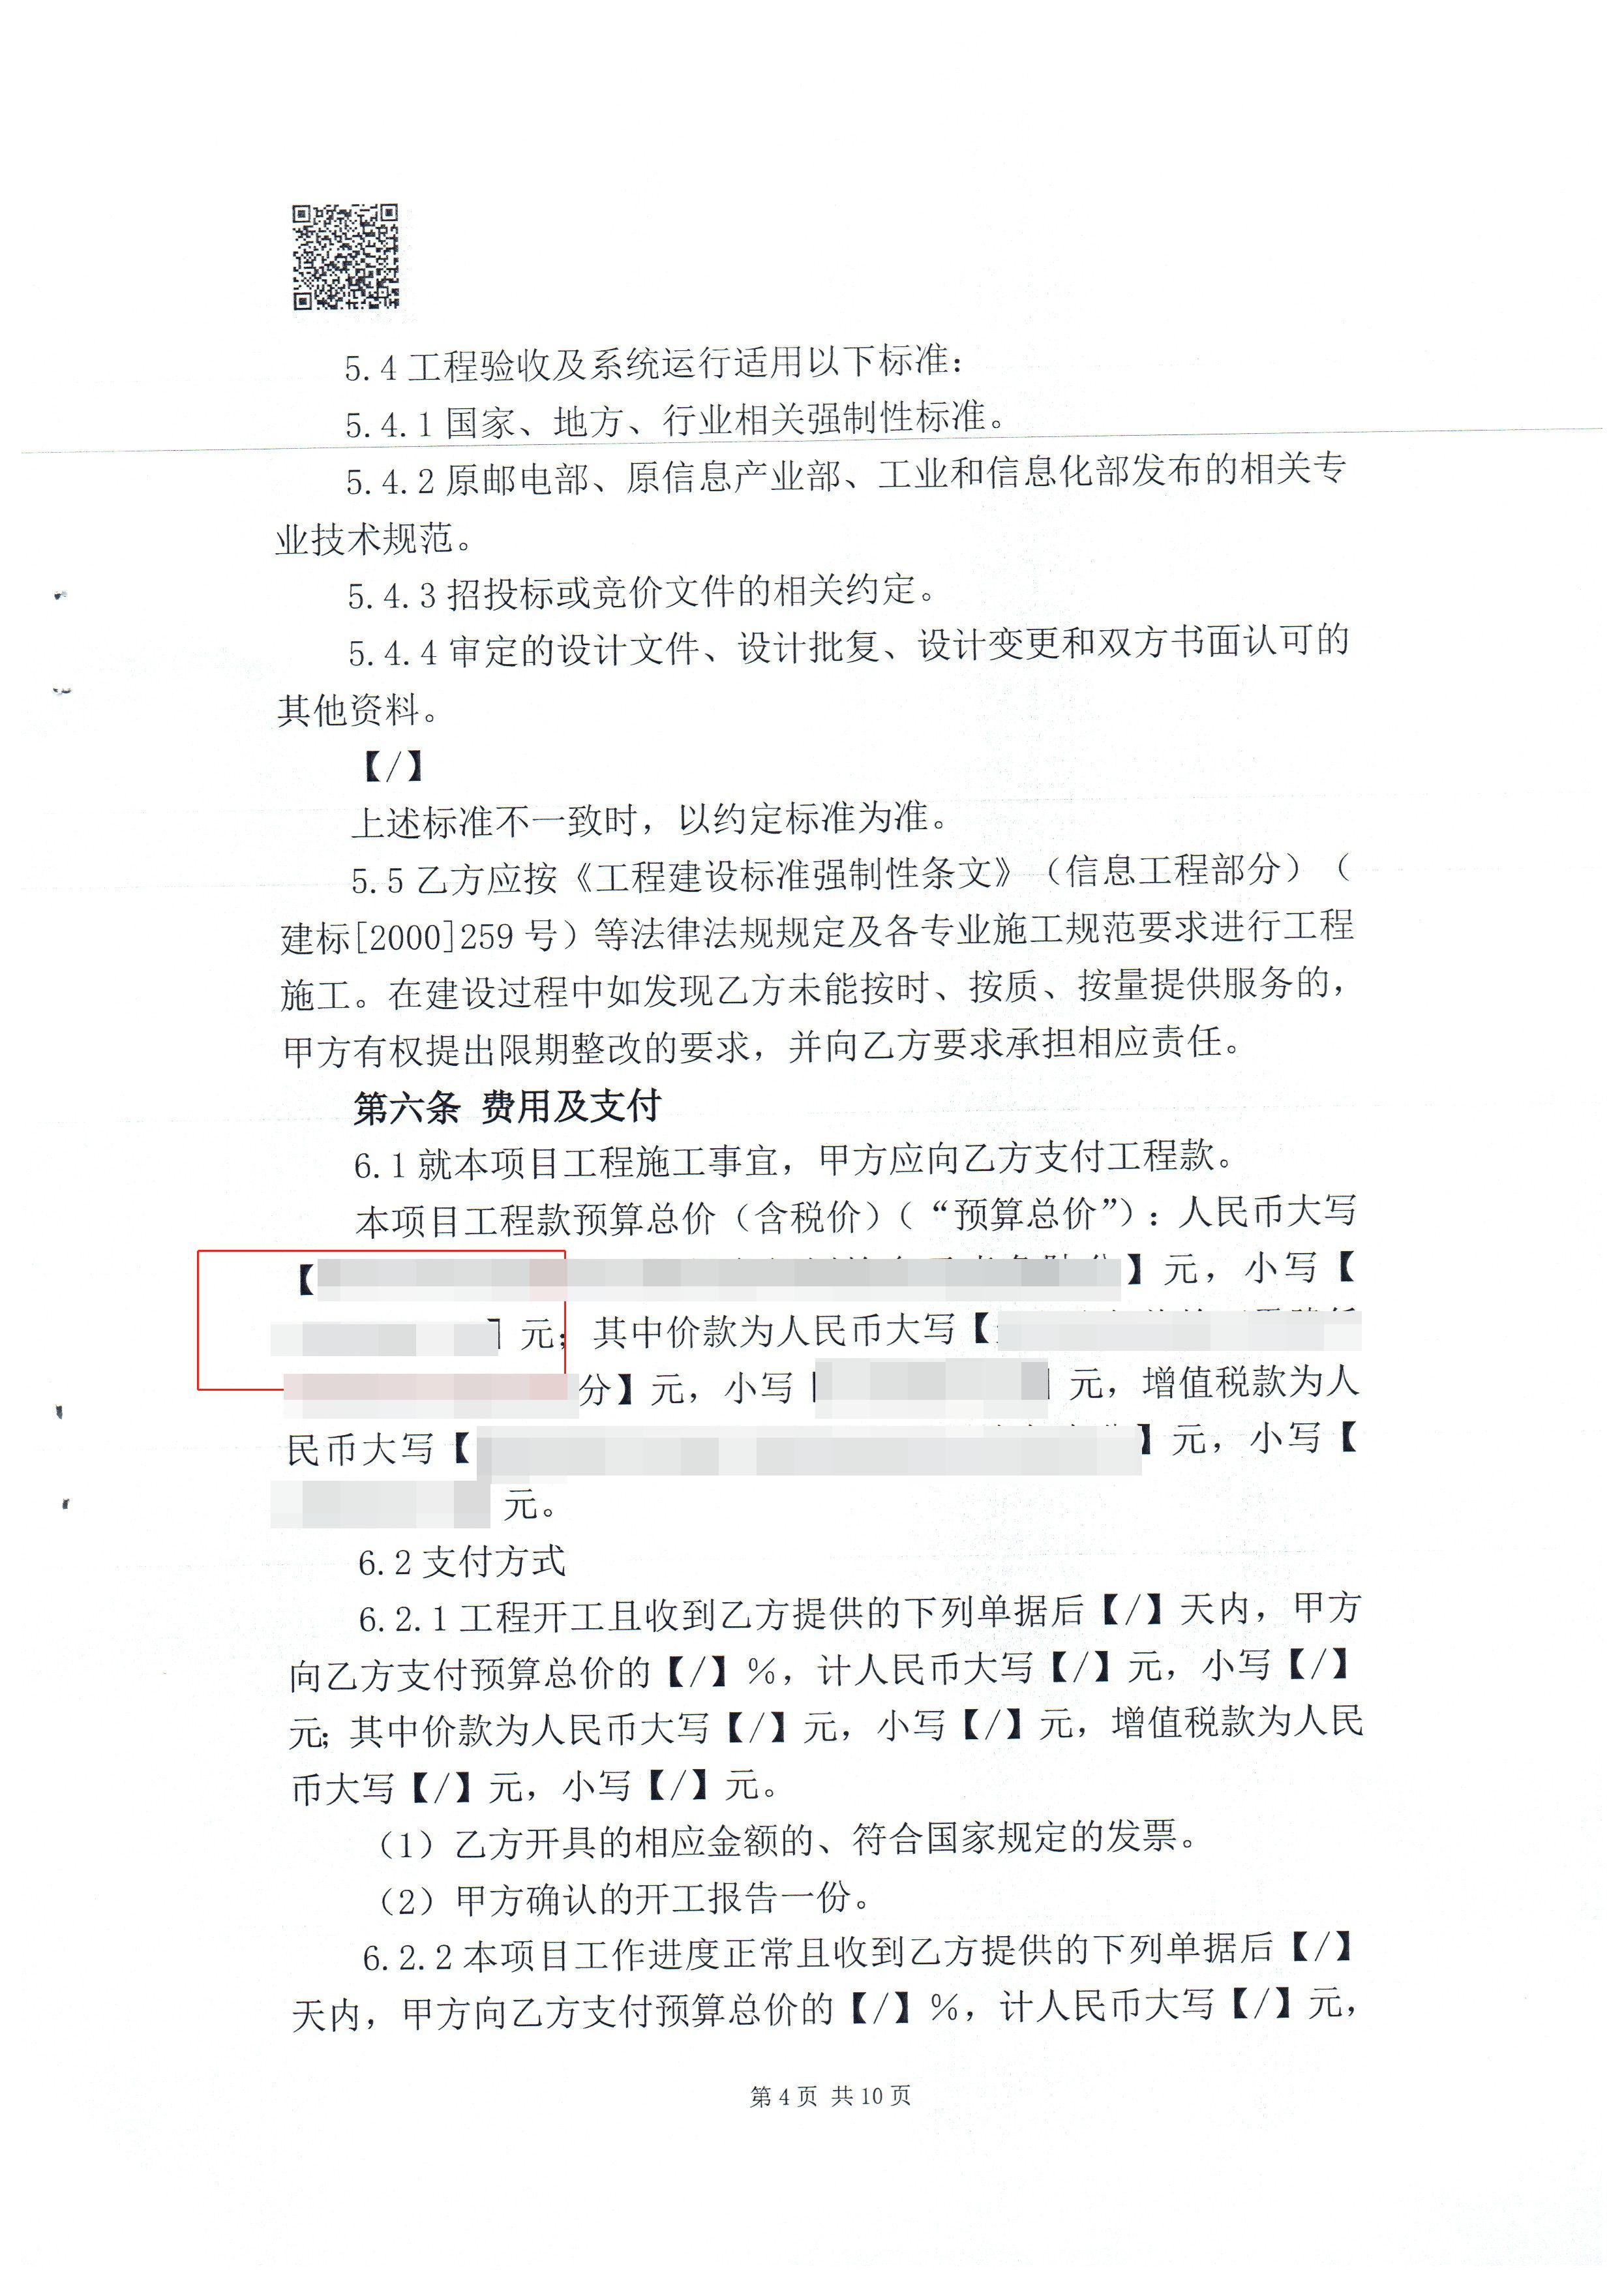 <b>2021.9.10ag亚游app2021年惠济区市民服务中心智能化设计 </b>